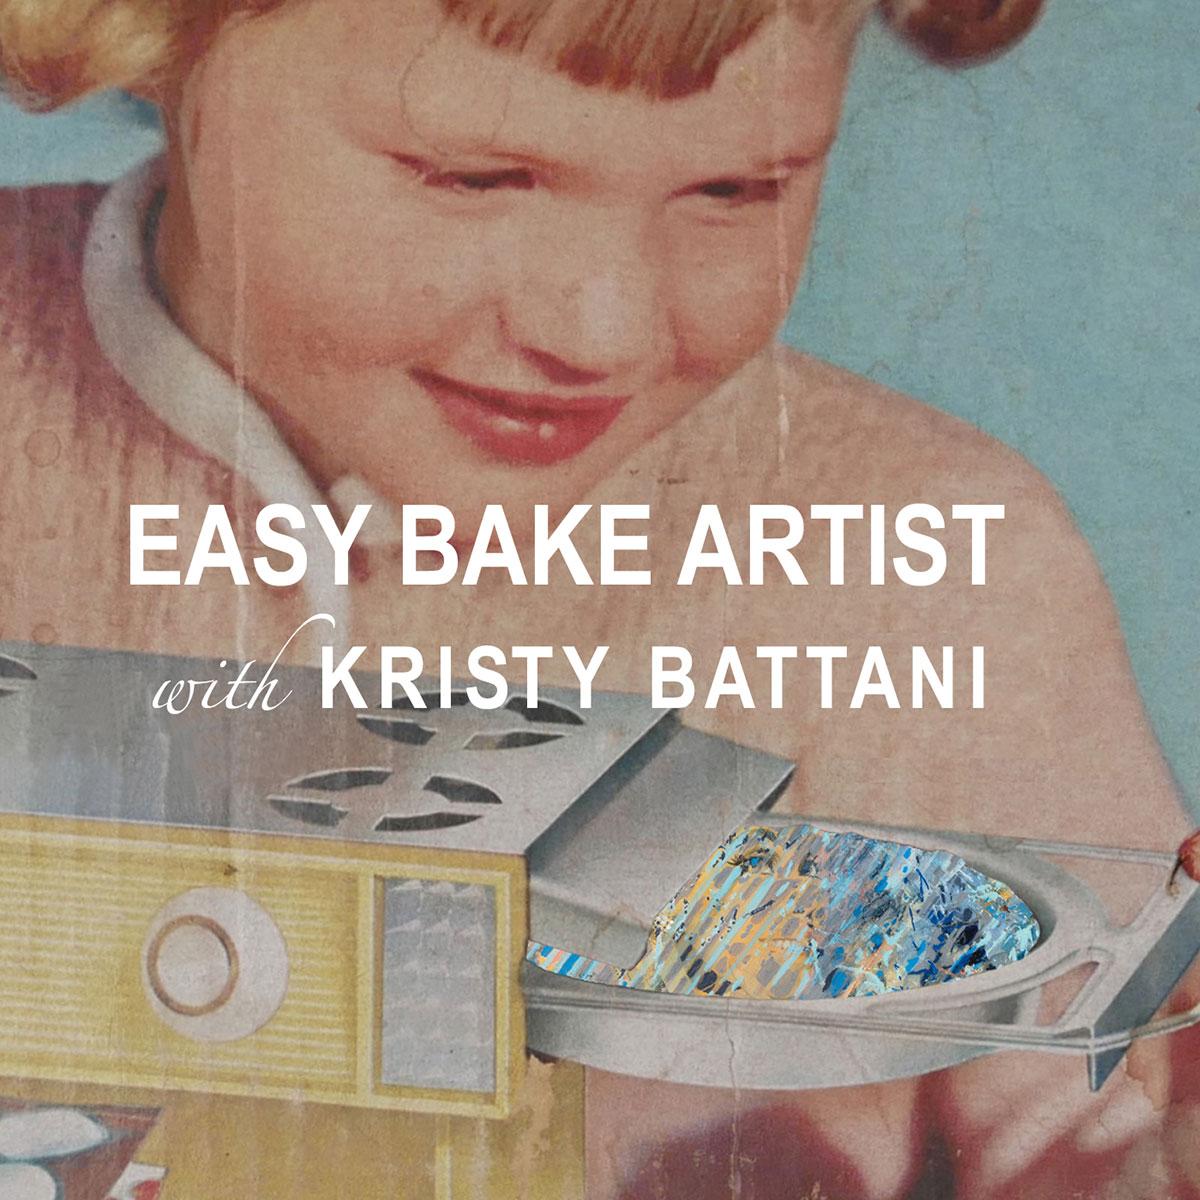 Easy Bake Artist